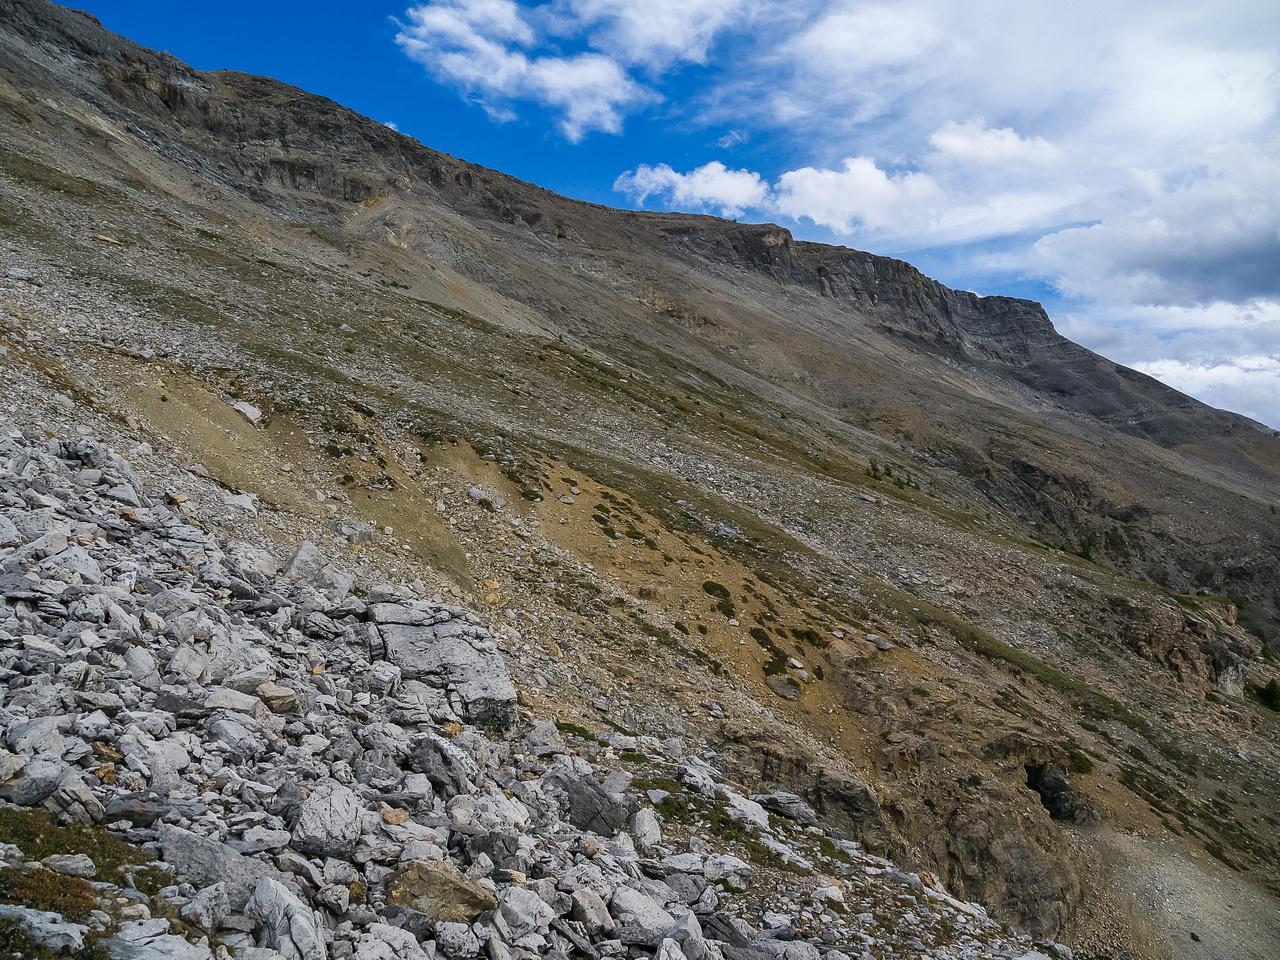 Descending the west face.